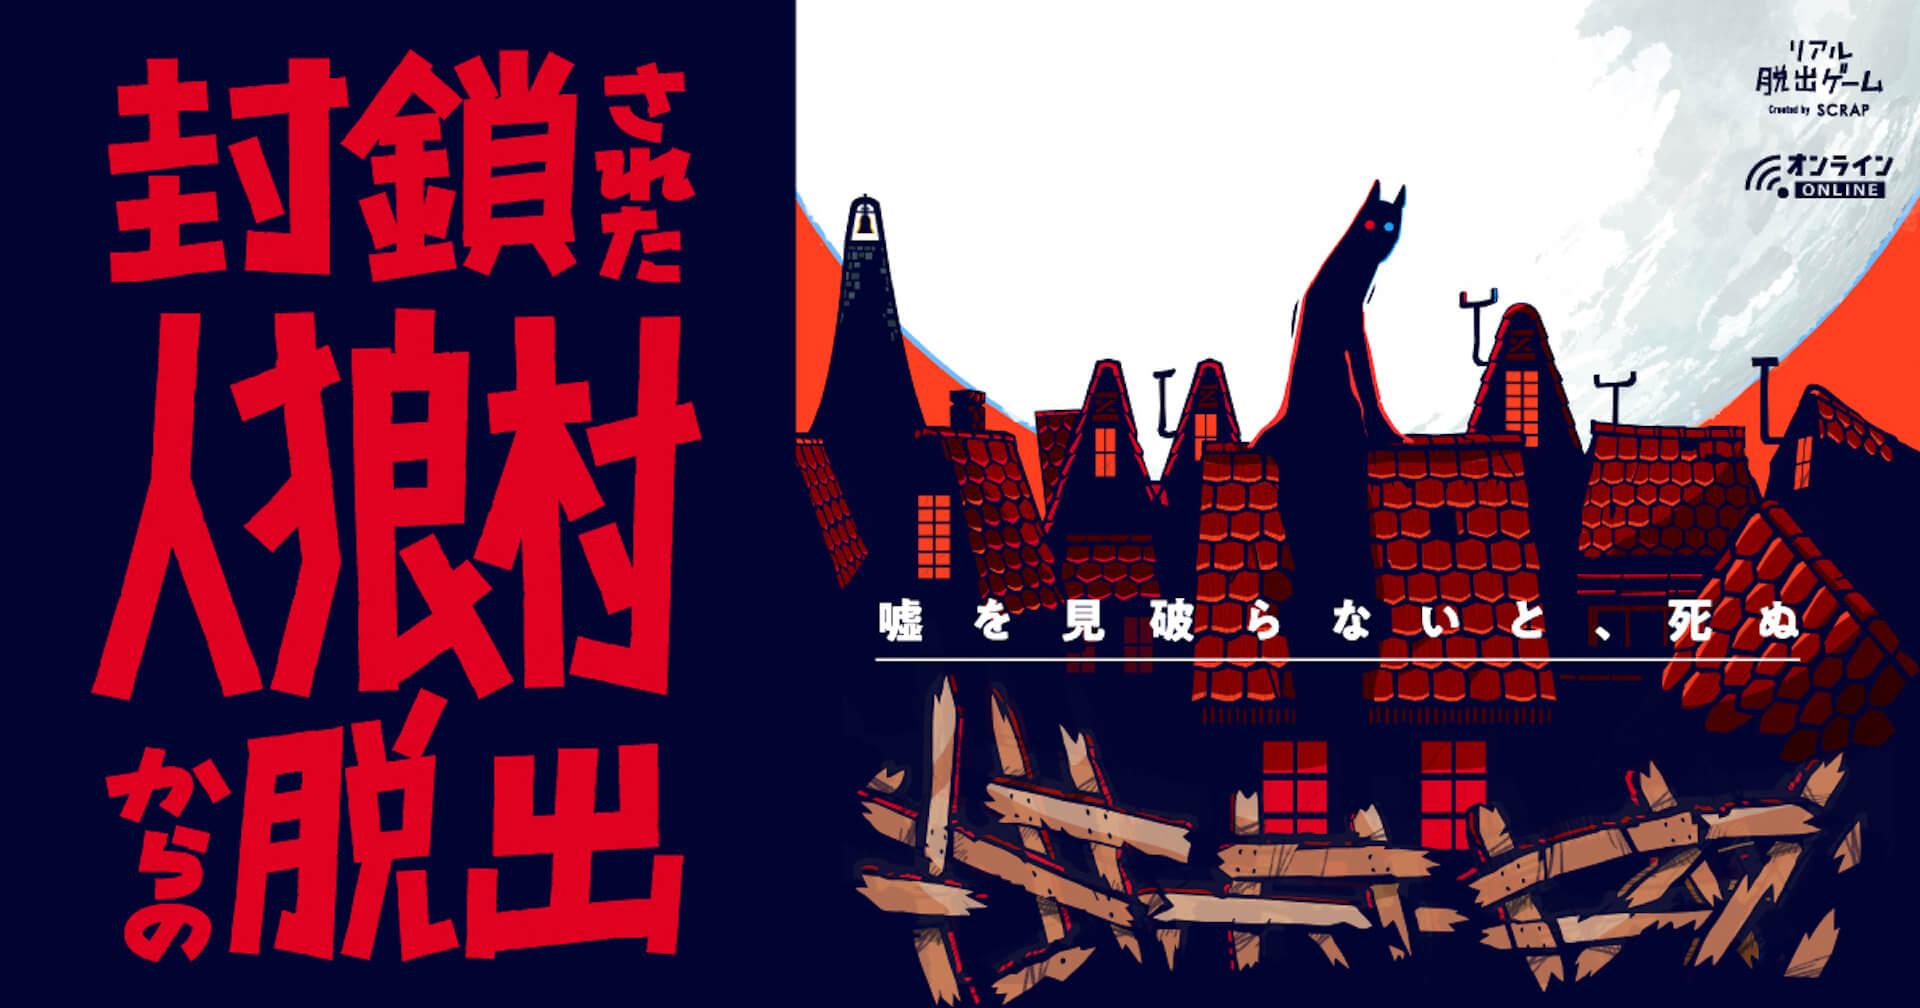 自宅でもリアル脱出ゲームを楽しもう!最新版『封鎖された人狼村からの脱出』がオンラインで開催 ac200625_onlinereal_zinro_01